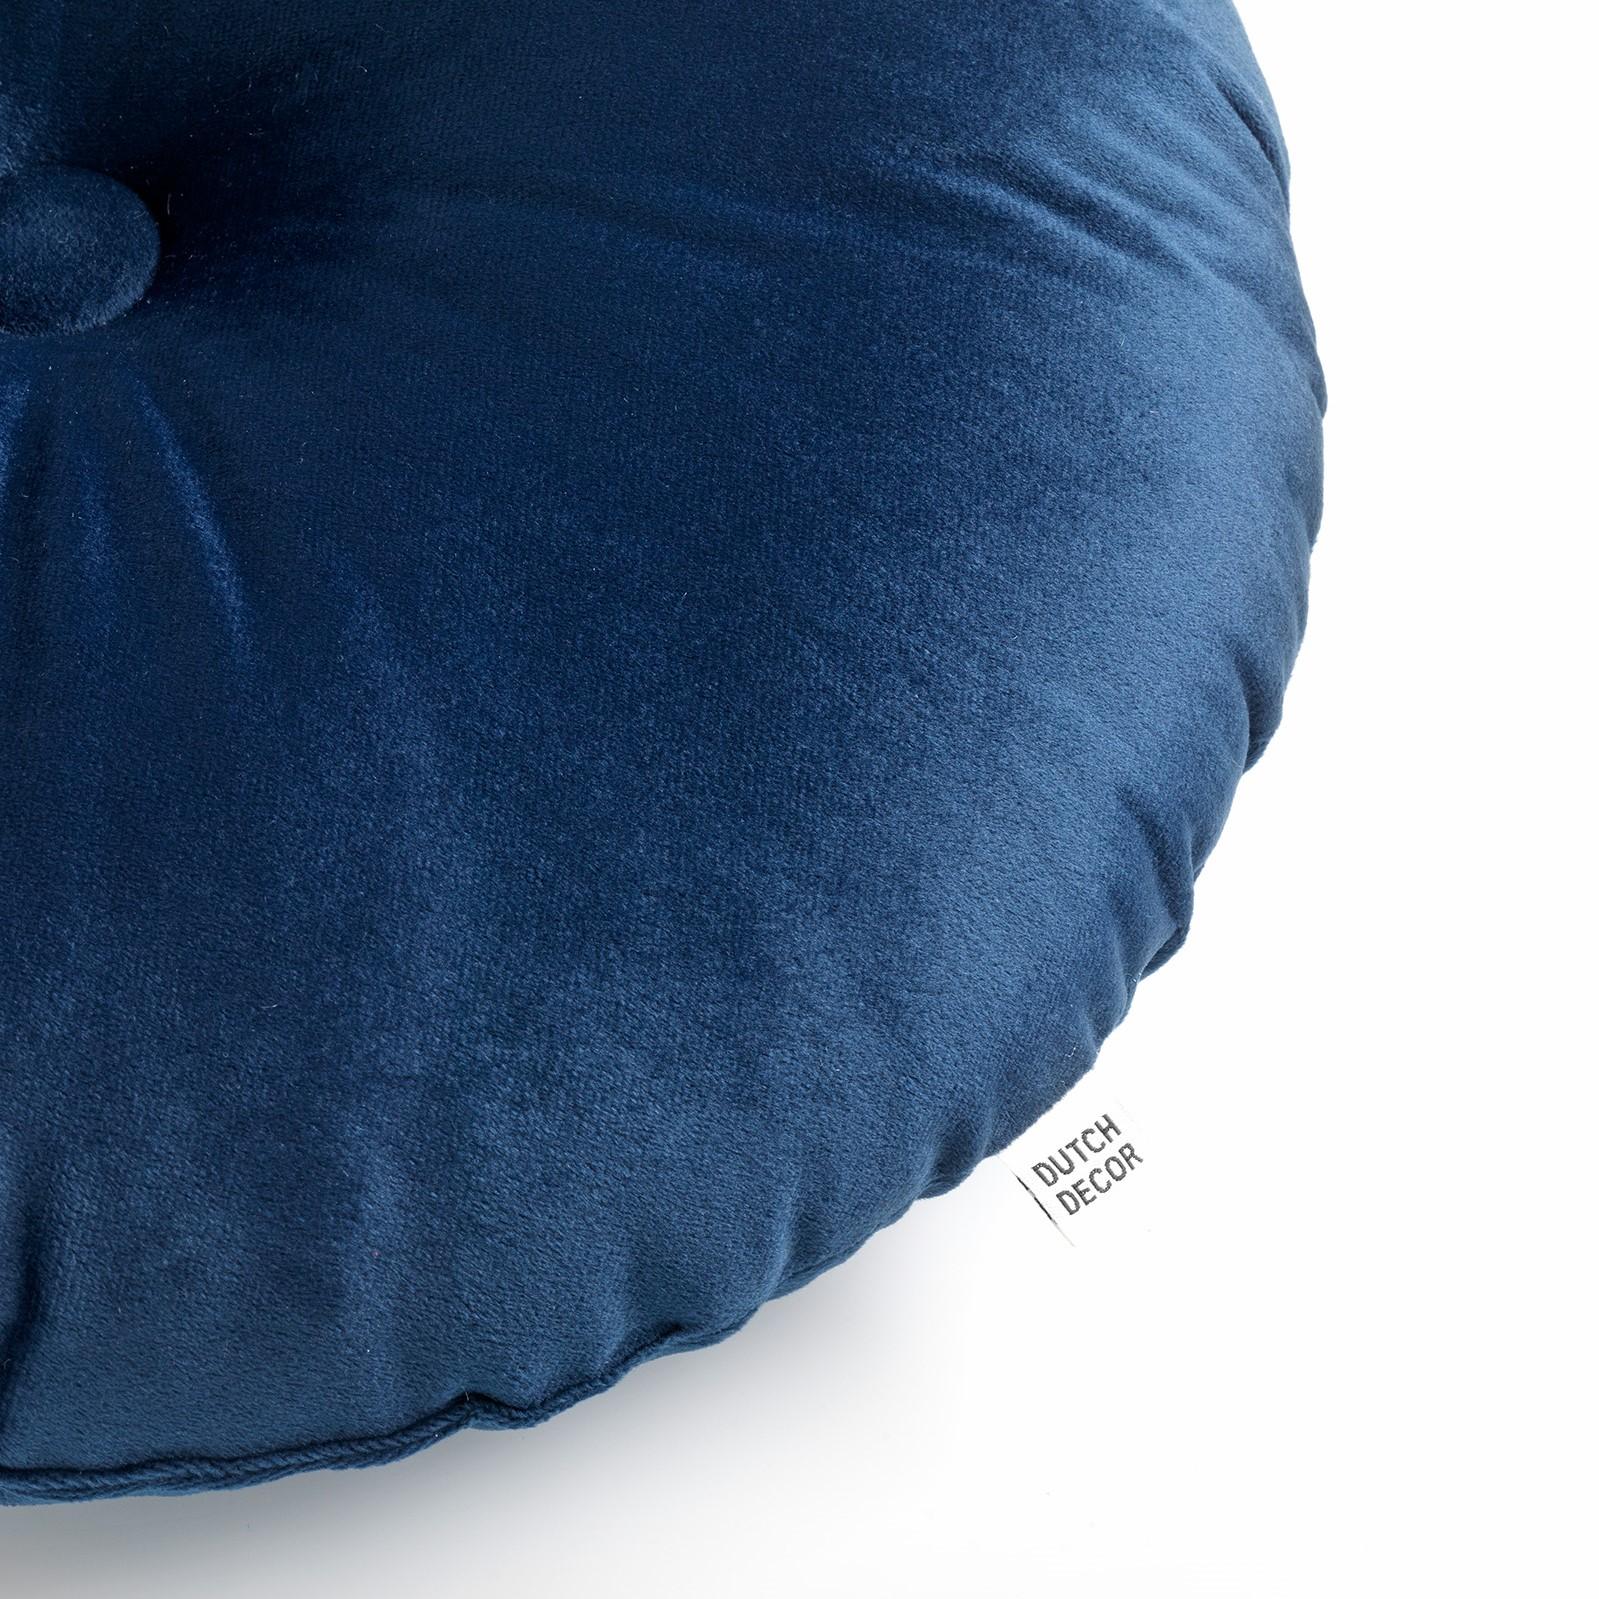 OLLY - Sierkussen rond velvet Insignia Blue 40 cm